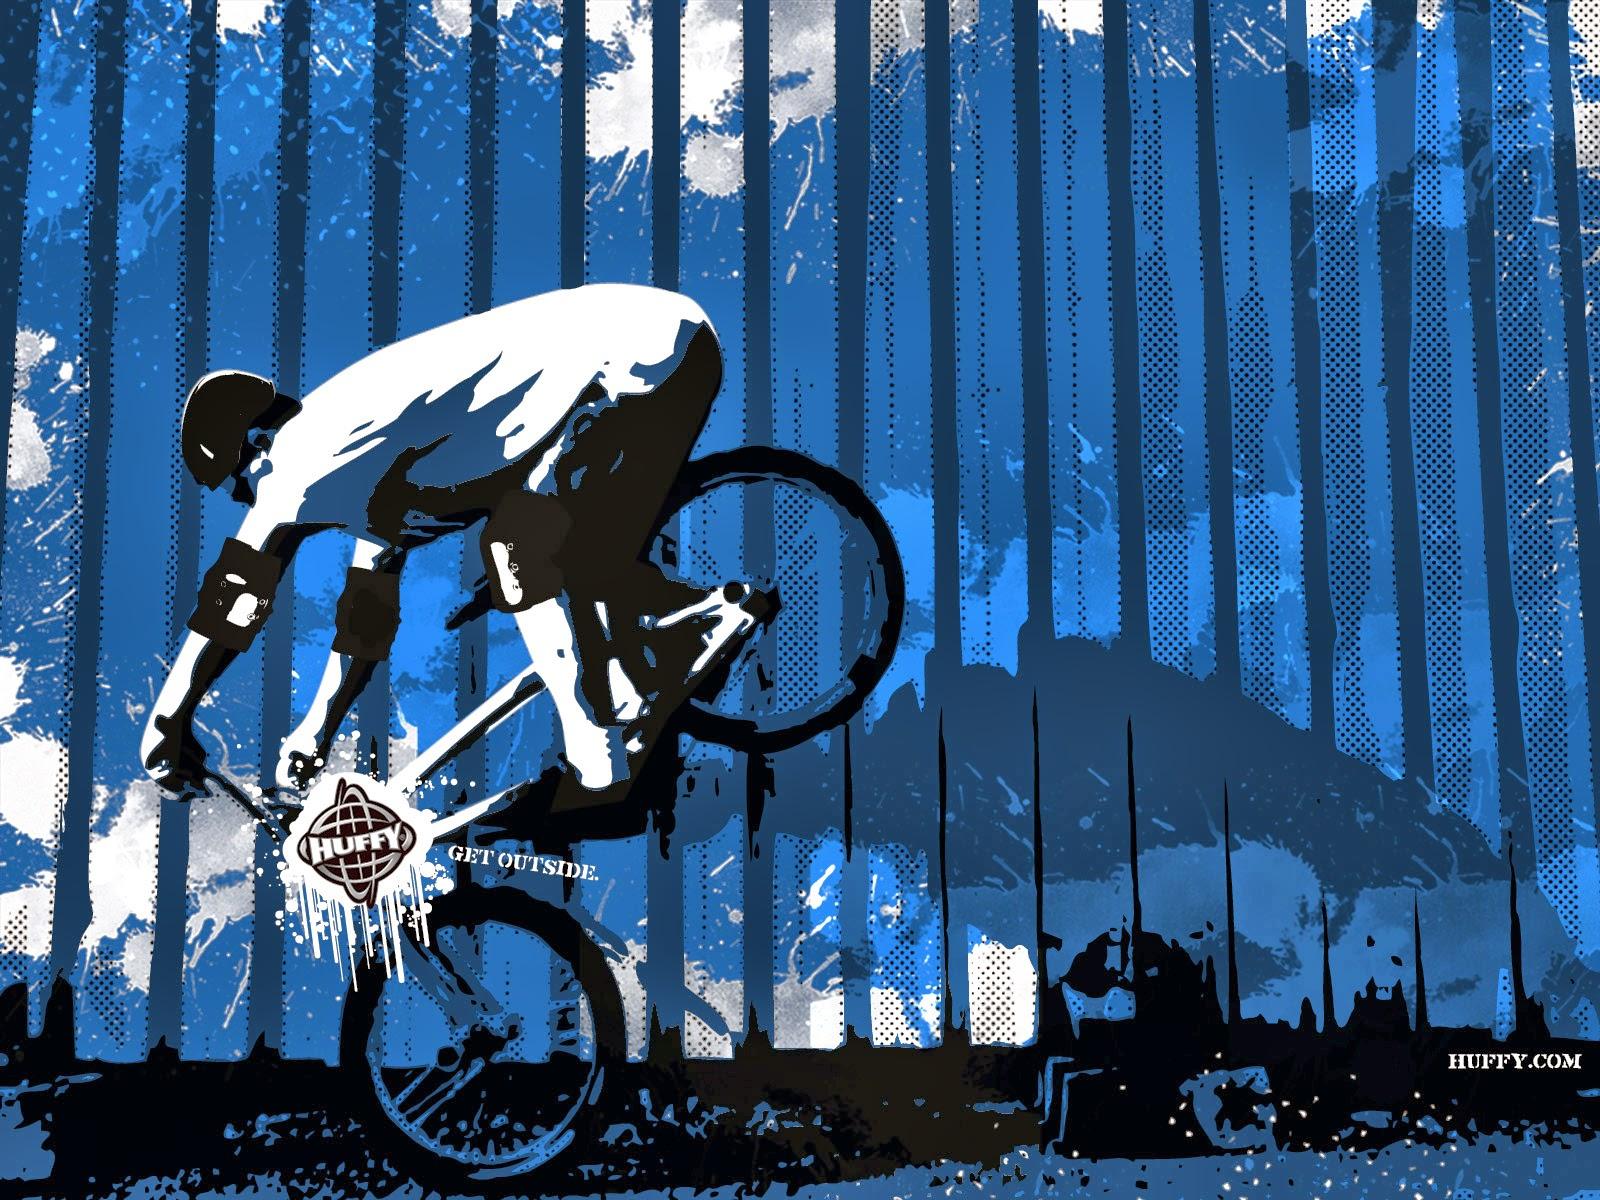 BMX Wallpapers - Wallpaper Cave  |Bmx Freestyle Wallpaper